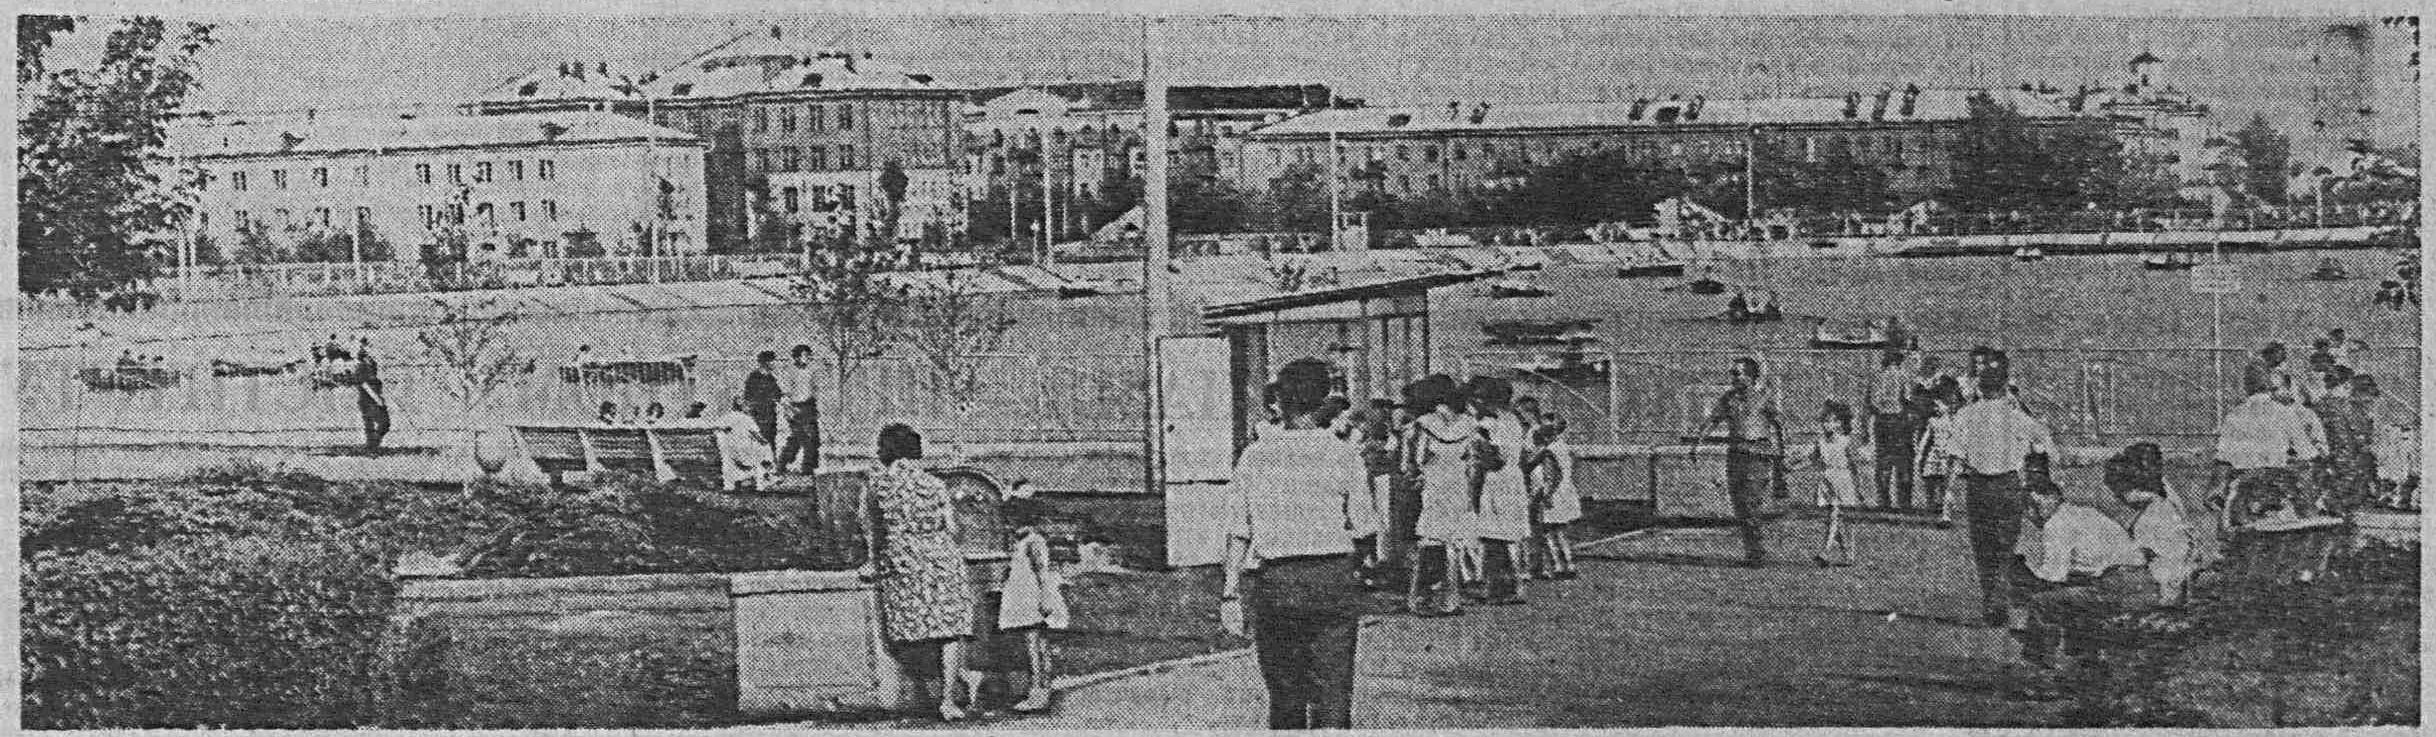 Енисейская-ФОТО-13-ВКа-1967-08-30-фото из парка Мет